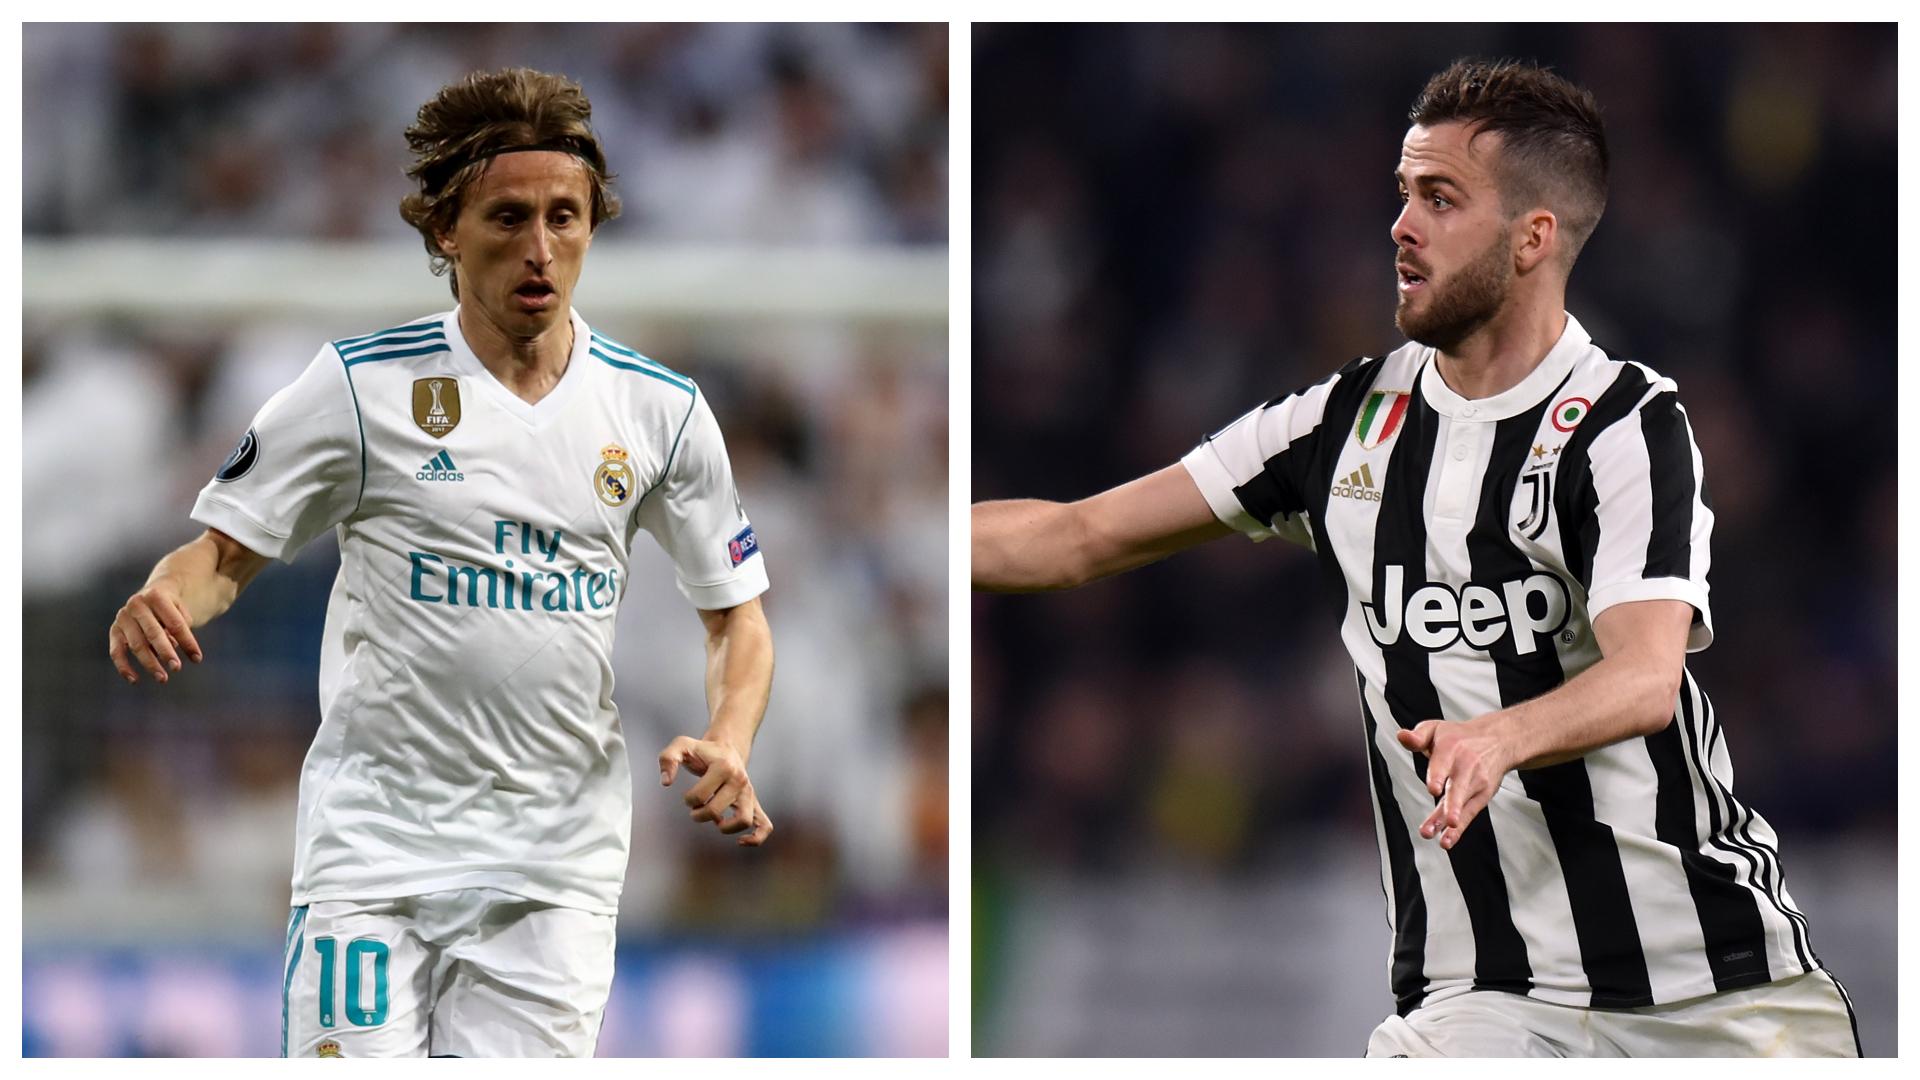 Calciomercato Juventus, Pjanic non parte: pronto il rinnovo